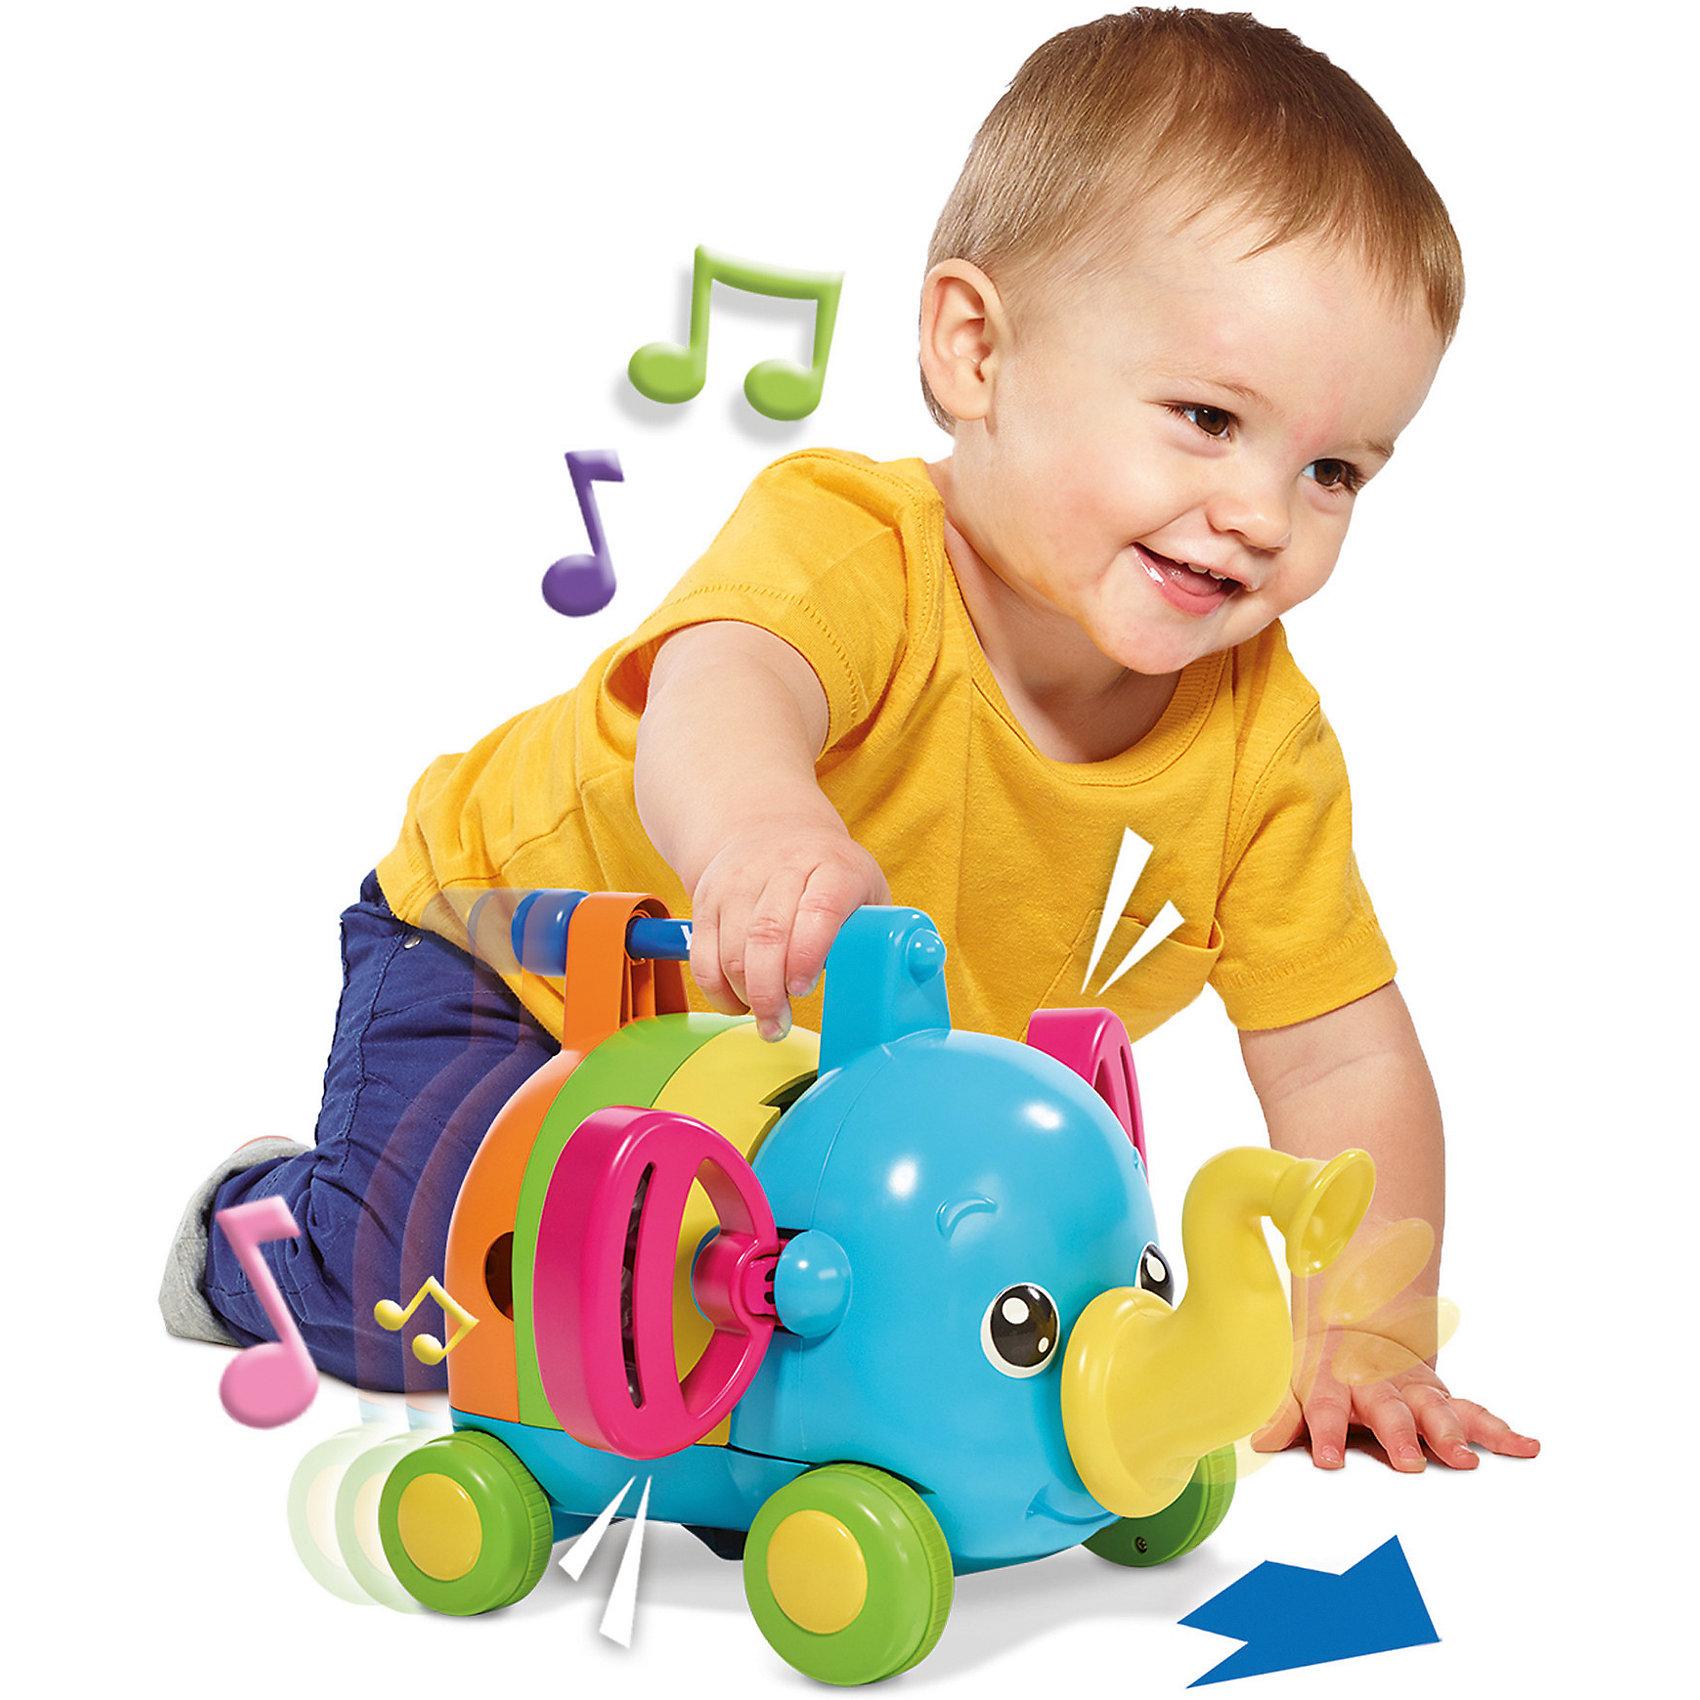 Слоненок-оркестр, TOMYМузыкальные инструменты и игрушки<br>Слоненок-оркестр, TOMY (ТОМИ) – это яркая развивающая игрушка, которая обязательно понравится вашему ребенку.<br>Яркая игрушка Слоненок-оркестр отличный подарок для маленьких музыкантов. Когда ребенок толкает игрушку, слоненок сам играет на музыкальных инструментах - это продолжается все время, пока слоненок находится в движении. Каждая часть тела слоненка – это музыкальный инструмент. Слоненок разбирается и тогда 5 симпатичных и очень забавных музыкальных инструментов можно использовать самостоятельно. Игрушка развивает координацию и моторику рук у ребенка, а также музыкальный слух малыша.<br><br>Дополнительная информация:<br><br>- Материал: пластик<br>- Размер: 21 x 29 x 30 см.<br>- Вес: 1,1 кг.<br><br>Игрушку Слоненок-оркестр, TOMY (ТОМИ) можно купить в нашем интернет-магазине.<br><br>Ширина мм: 210<br>Глубина мм: 290<br>Высота мм: 240<br>Вес г: 1000<br>Возраст от месяцев: 36<br>Возраст до месяцев: 72<br>Пол: Унисекс<br>Возраст: Детский<br>SKU: 4183568